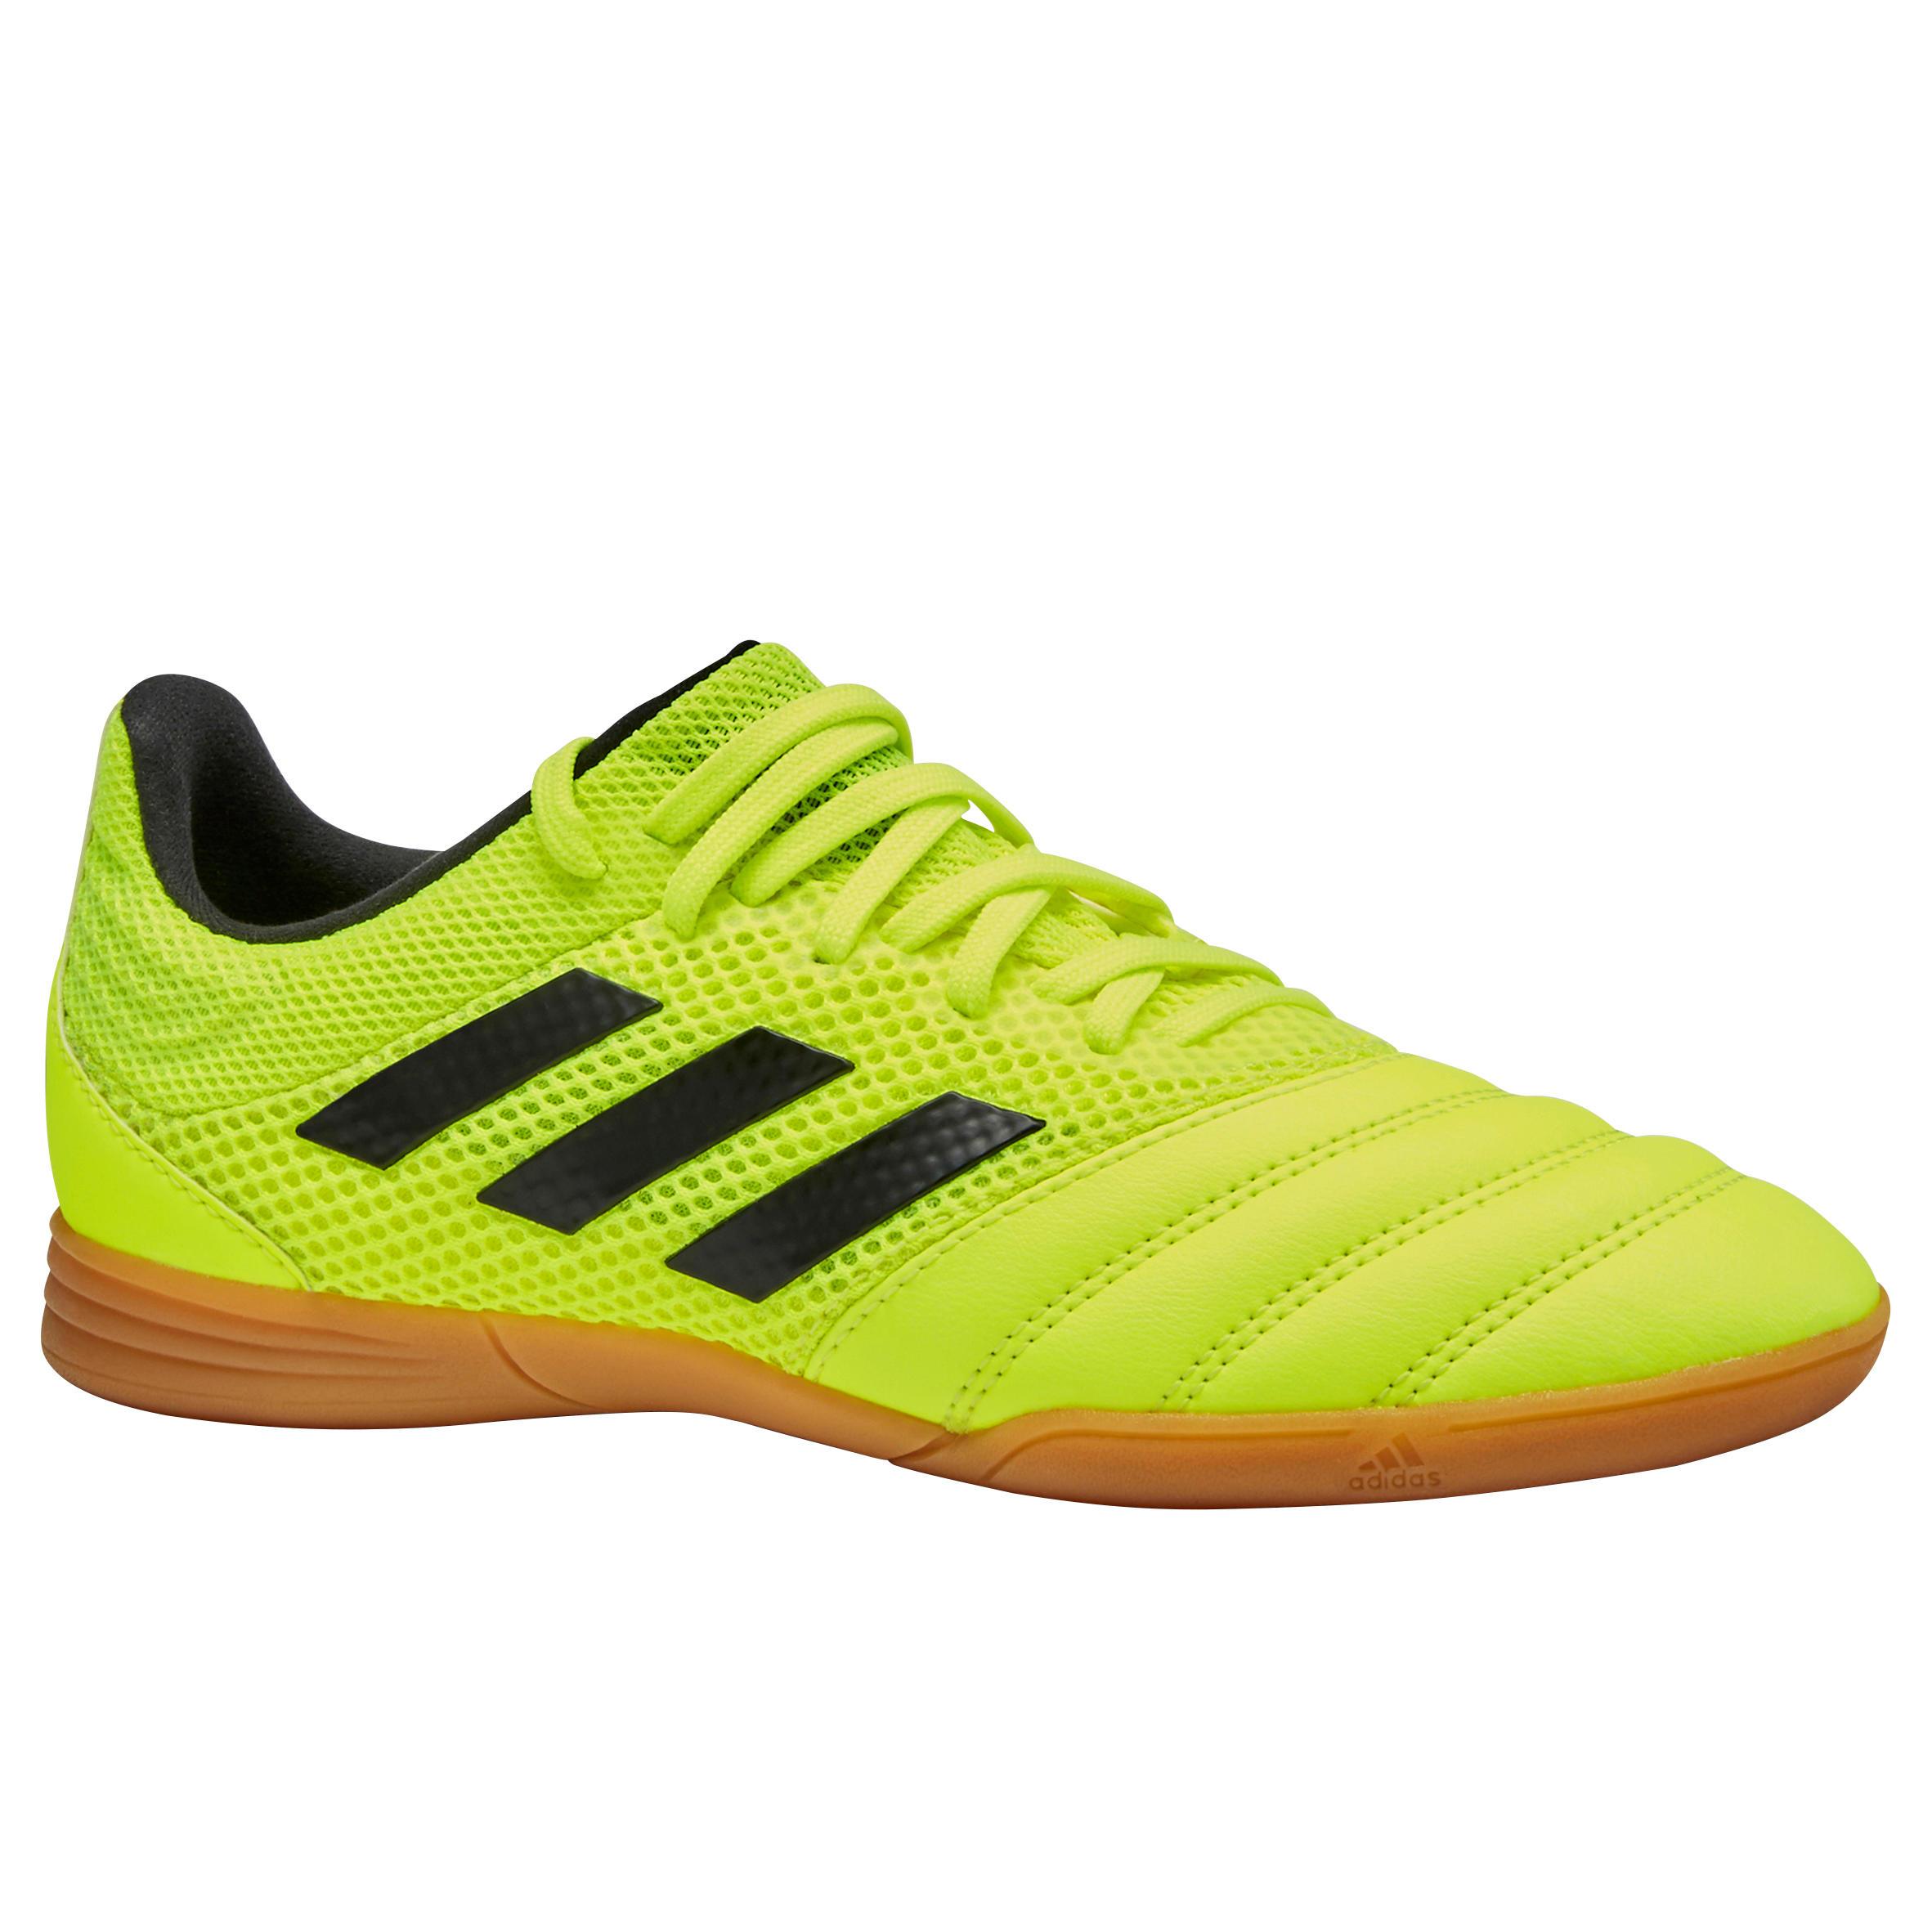 buying cheap order excellent quality Chaussures de Futsal COPA enfant Jaune et Noir